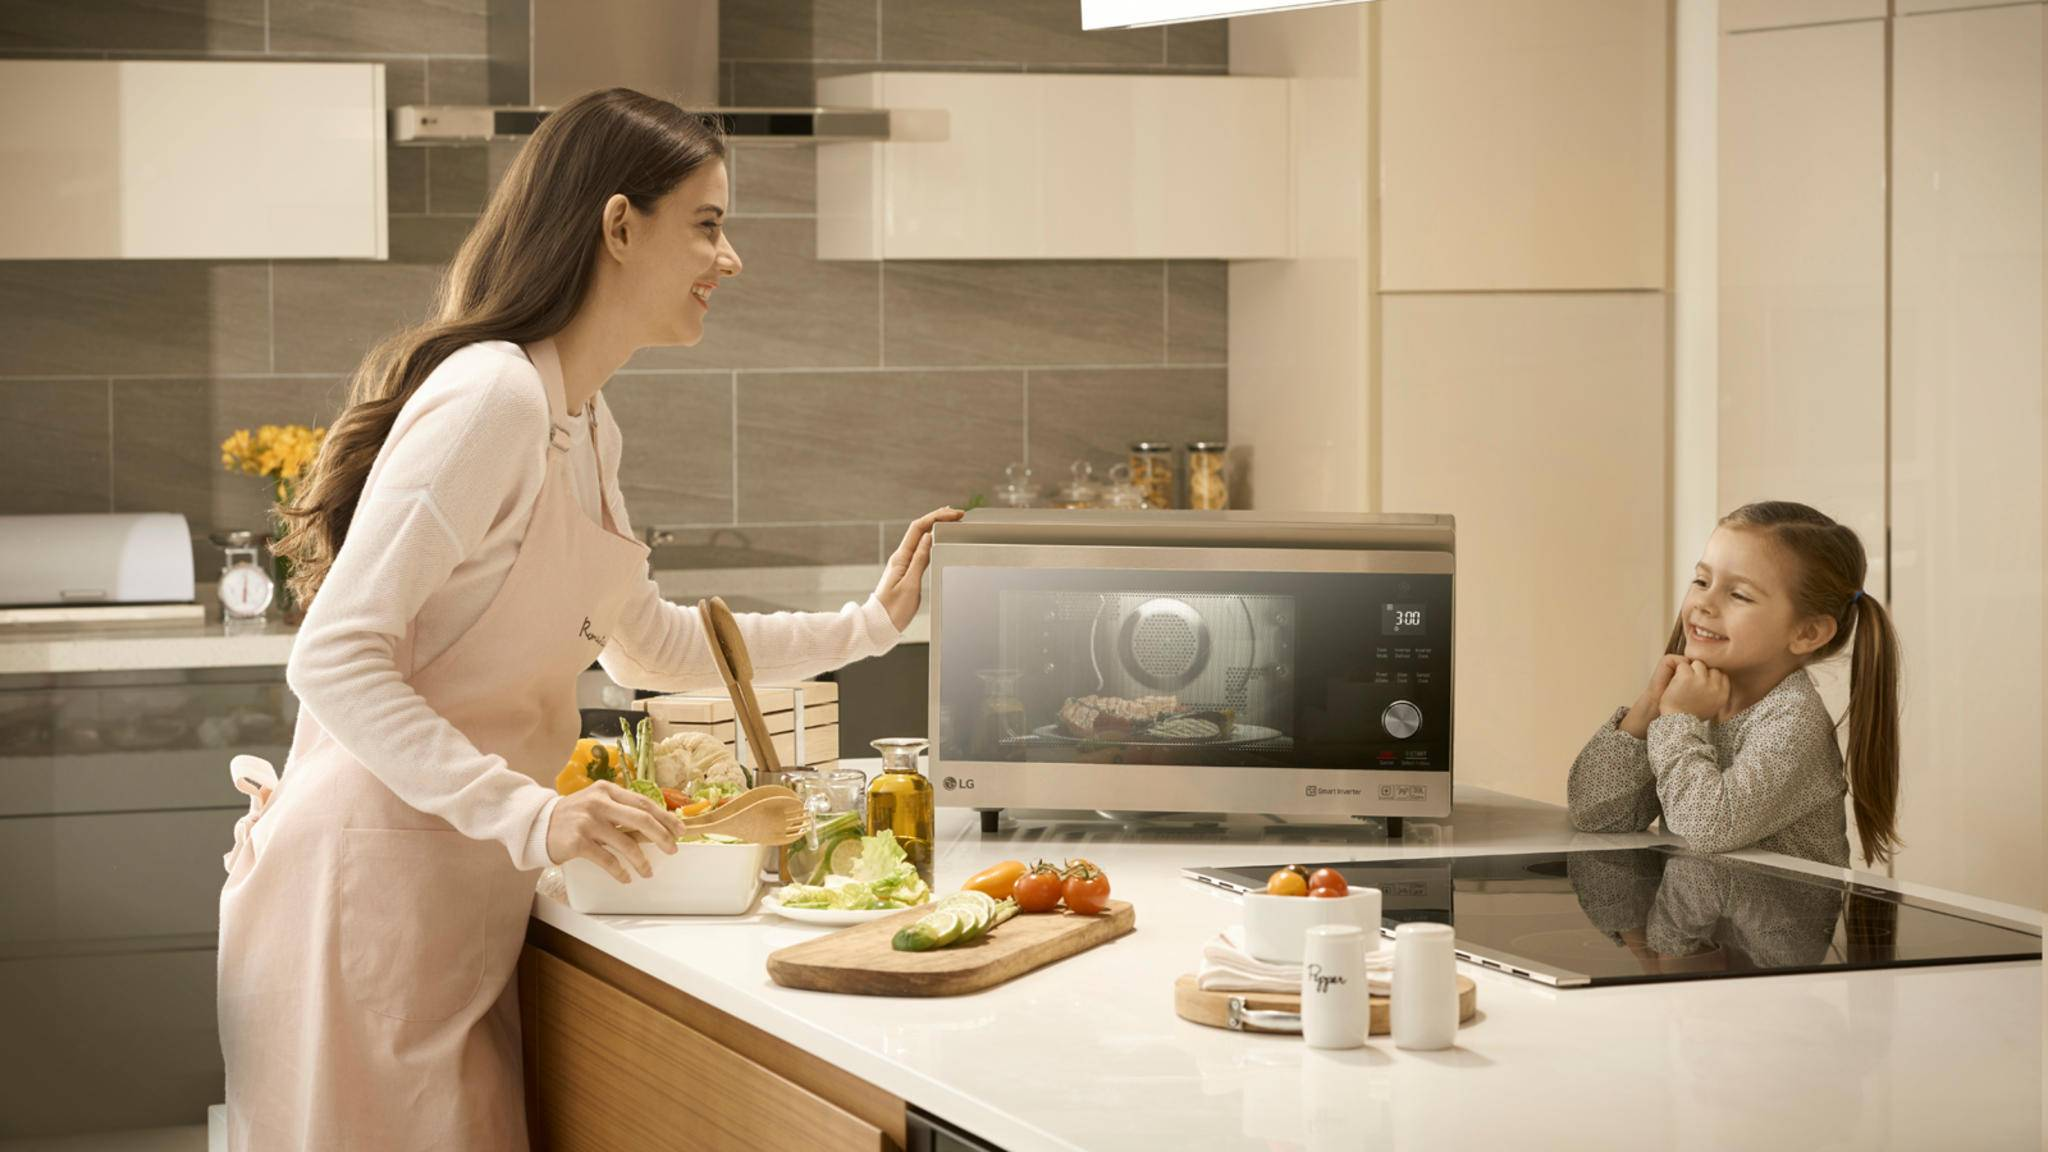 LG stellt neue Produkte für den Haushalt vor – unter anderem eine schicke Design-Mikrowelle.